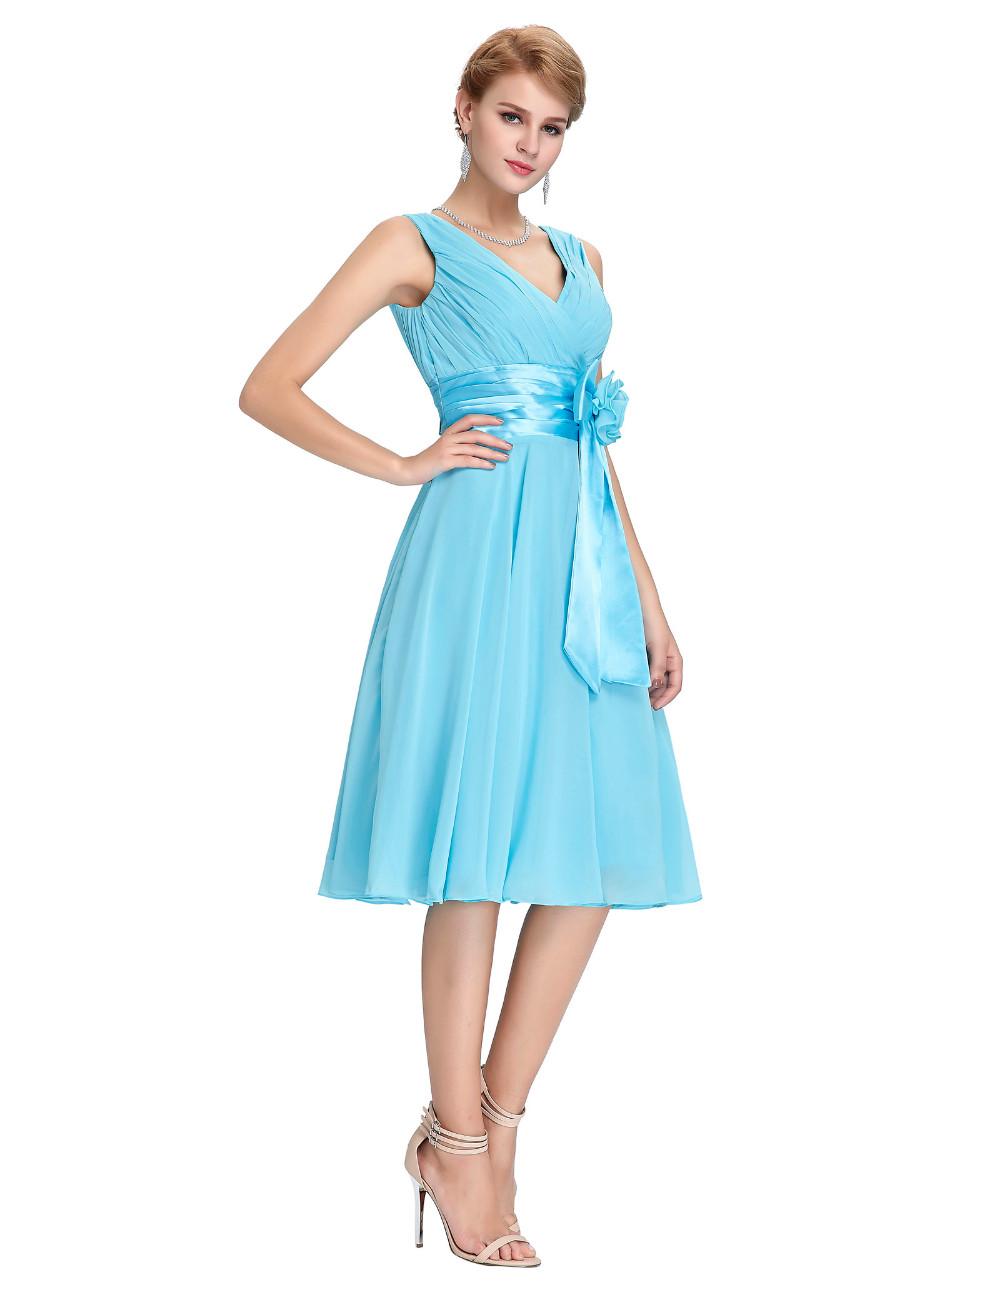 HTB1gl2YMVXXXXXyXFXXq6xXFXXX9Knee Length Short Chiffon Blue Dress